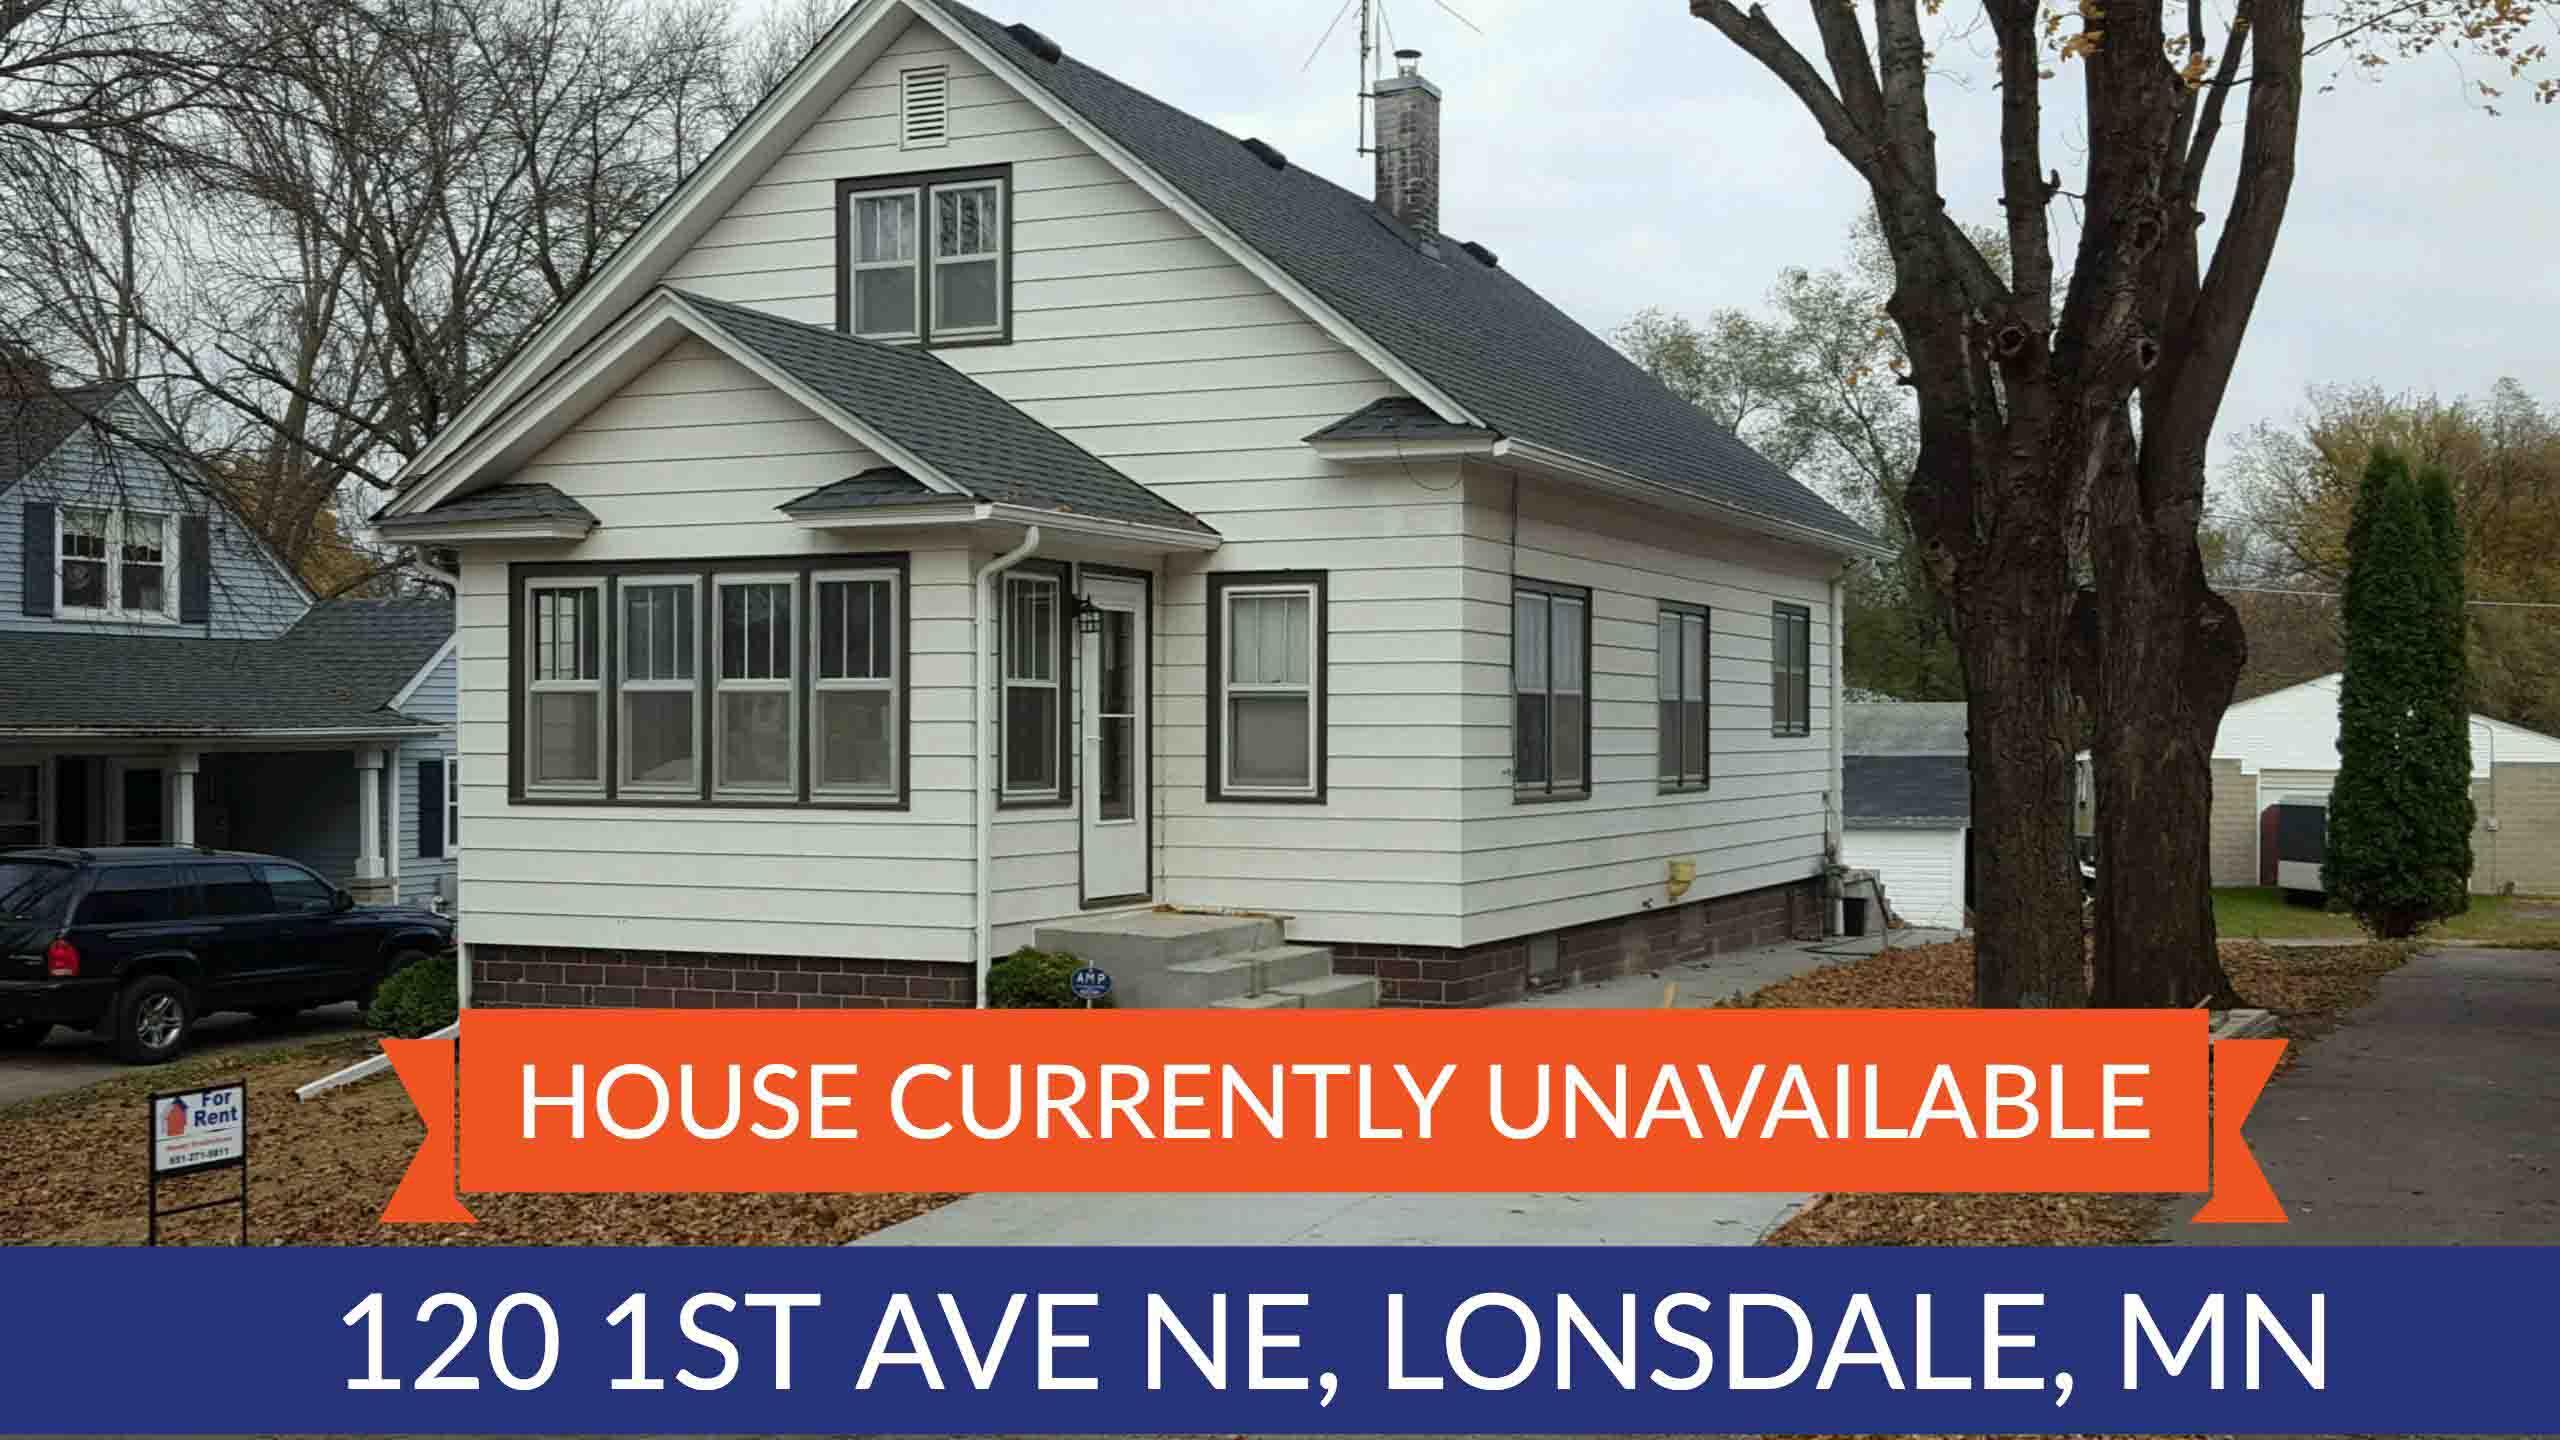 120 1st Ave NE, Lonsdale, MN